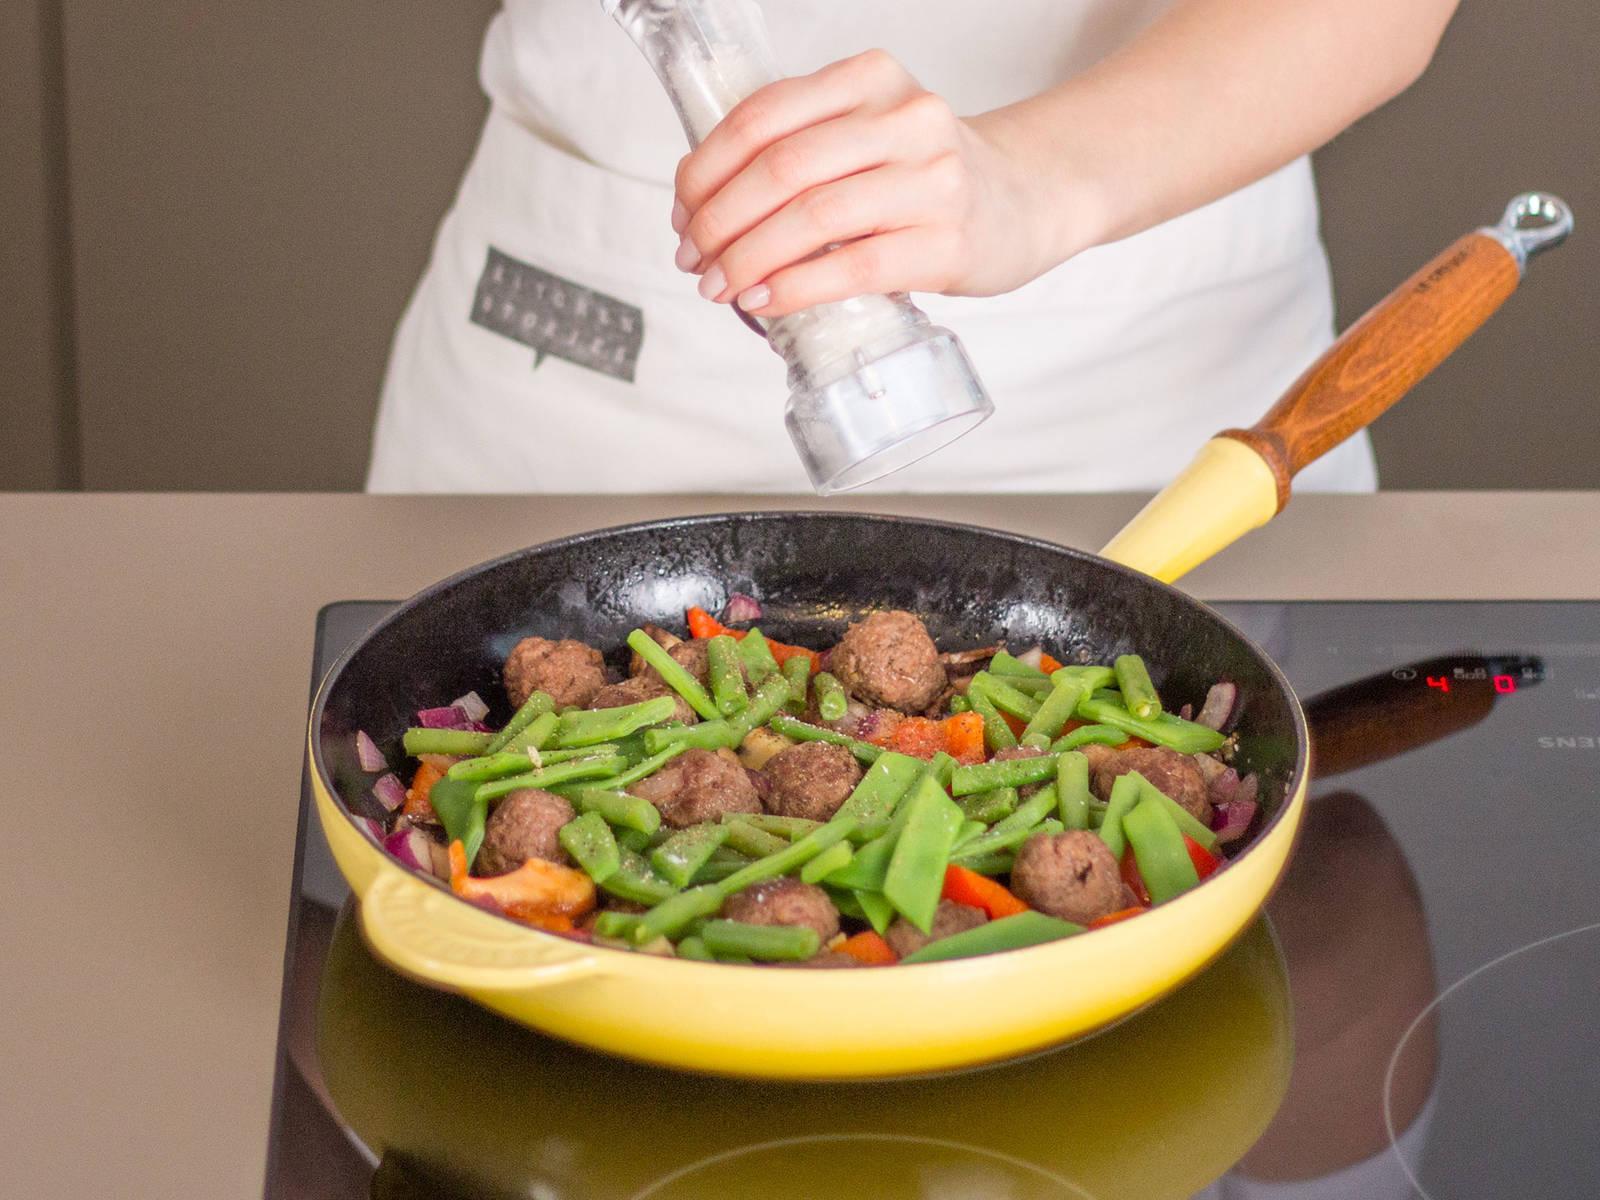 向锅中加入灯笼椒、蘑菇、洋葱、豆角、荷兰豆、欧芹与香菜,继续烹制3-5分钟,加盐与胡椒粉调味。